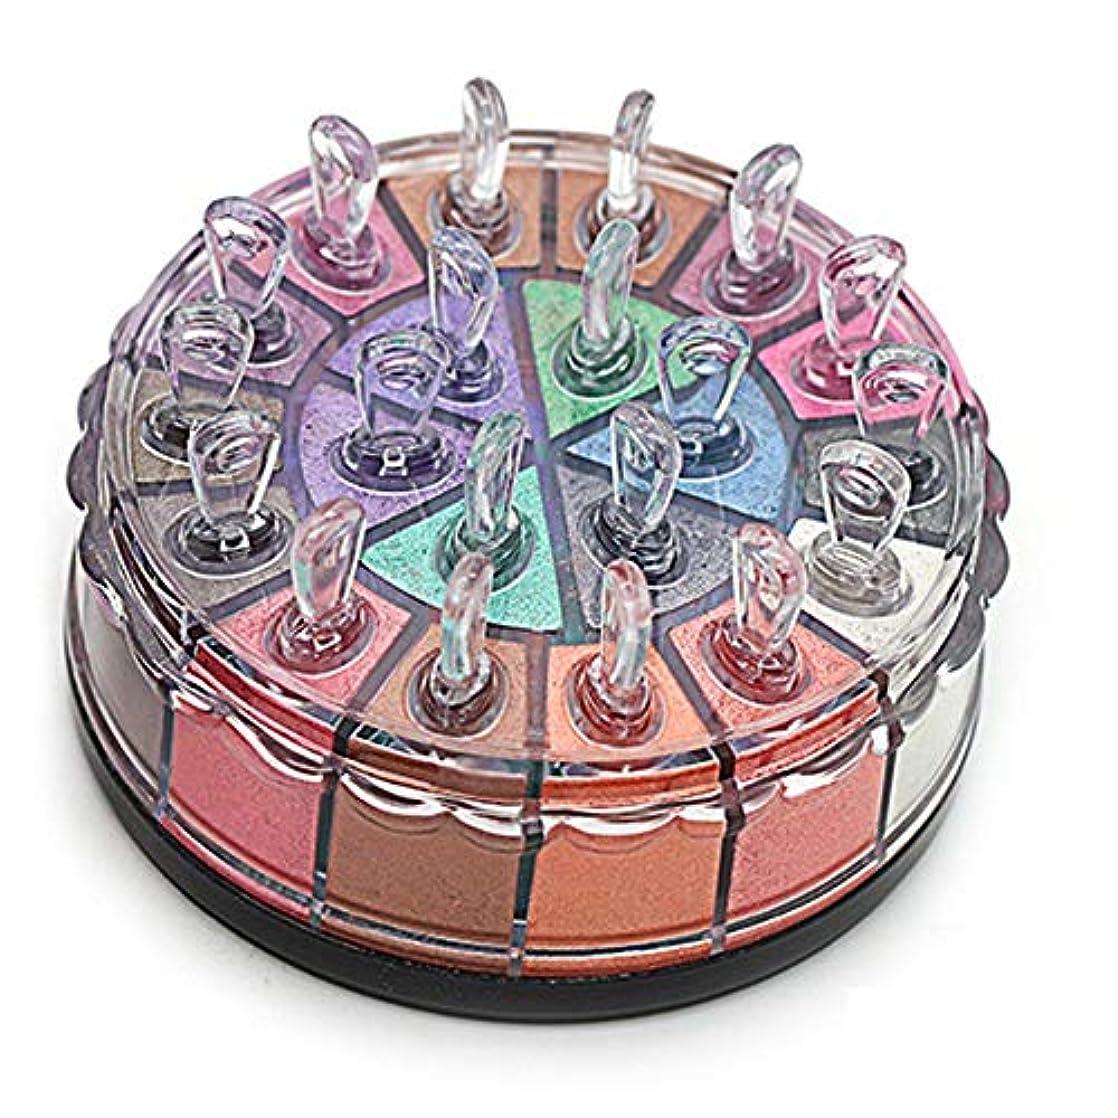 小麦不明瞭ペースAkane アイシャドウパレット INS 人気 ファッション 超便利 キラキラ 欧米風 綺麗 可愛い 高級 つや消し マット Eye Shadow (20色)